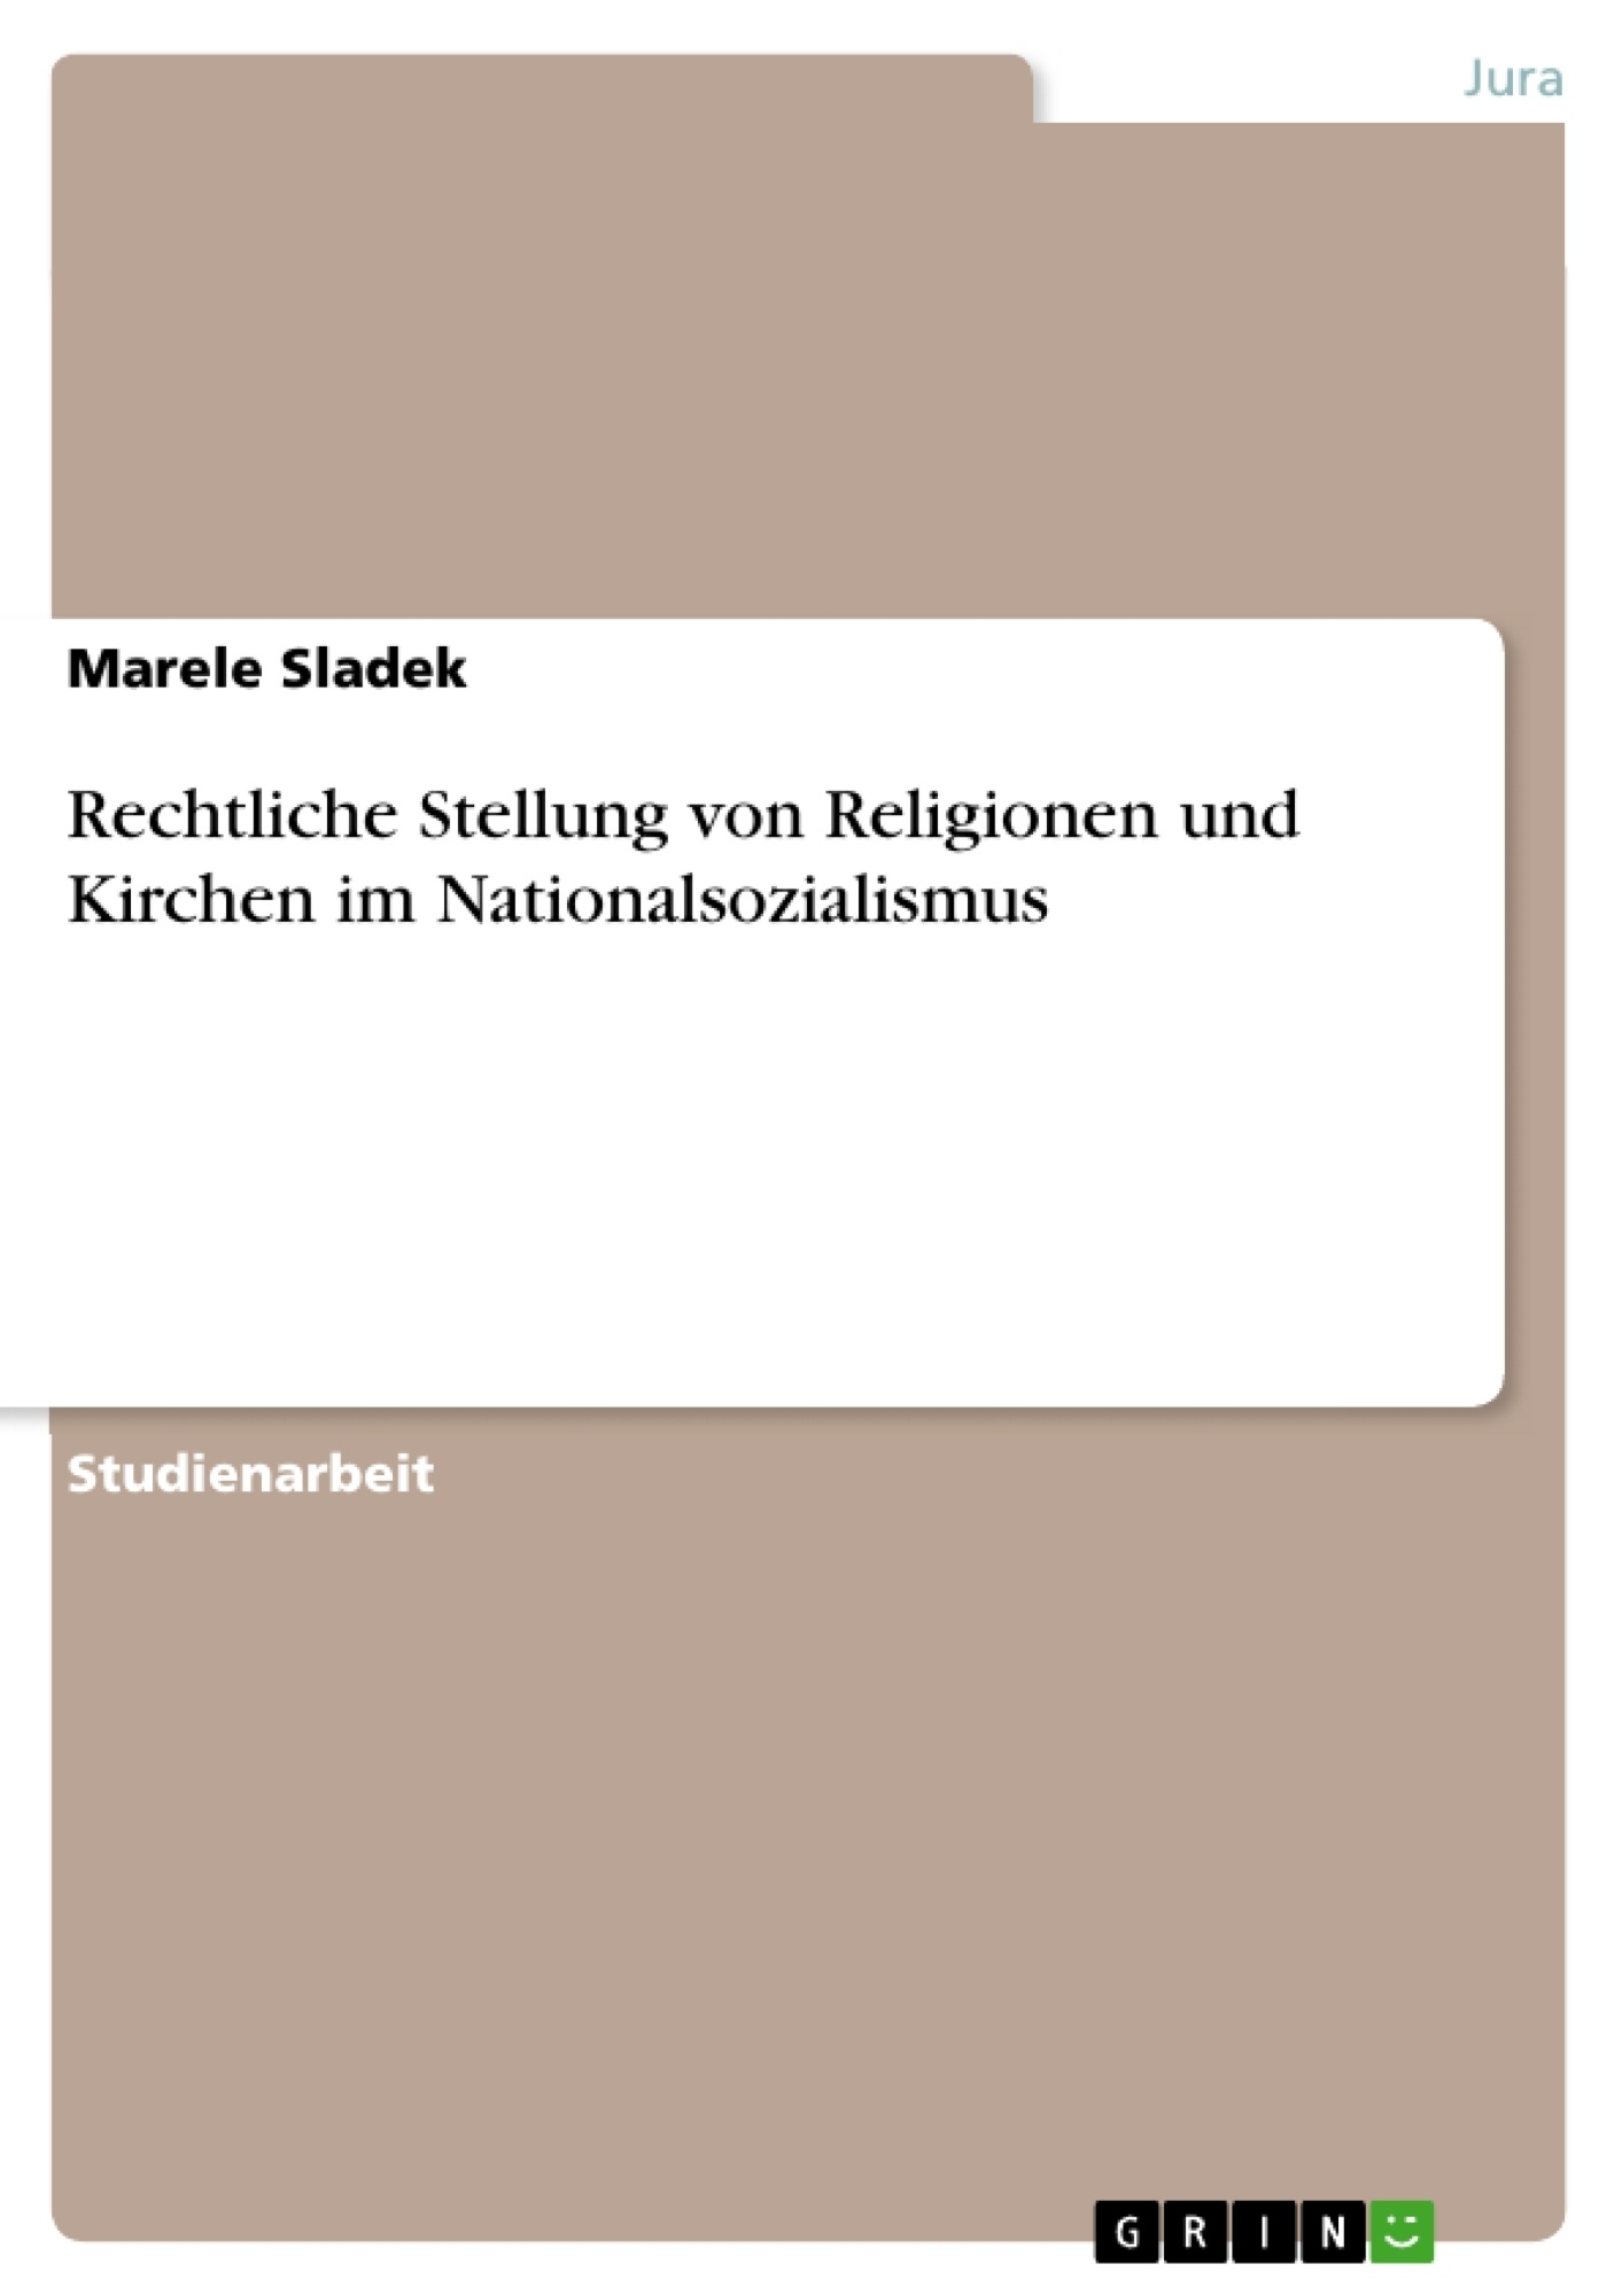 Titel: Rechtliche Stellung von Religionen und Kirchen im Nationalsozialismus